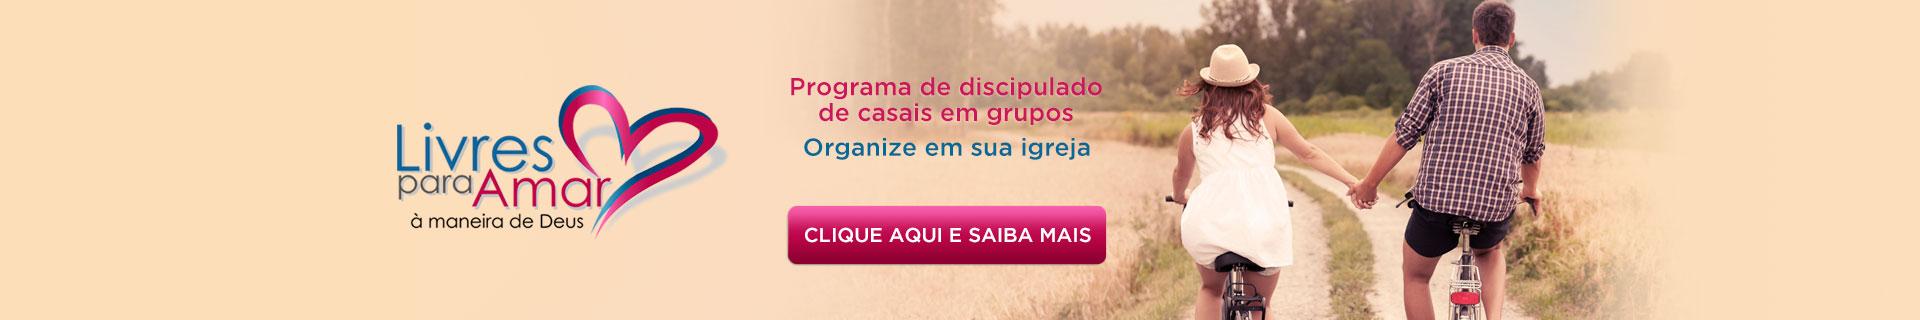 programa-de-discipulado-para-casais-em-grupos1920x320-